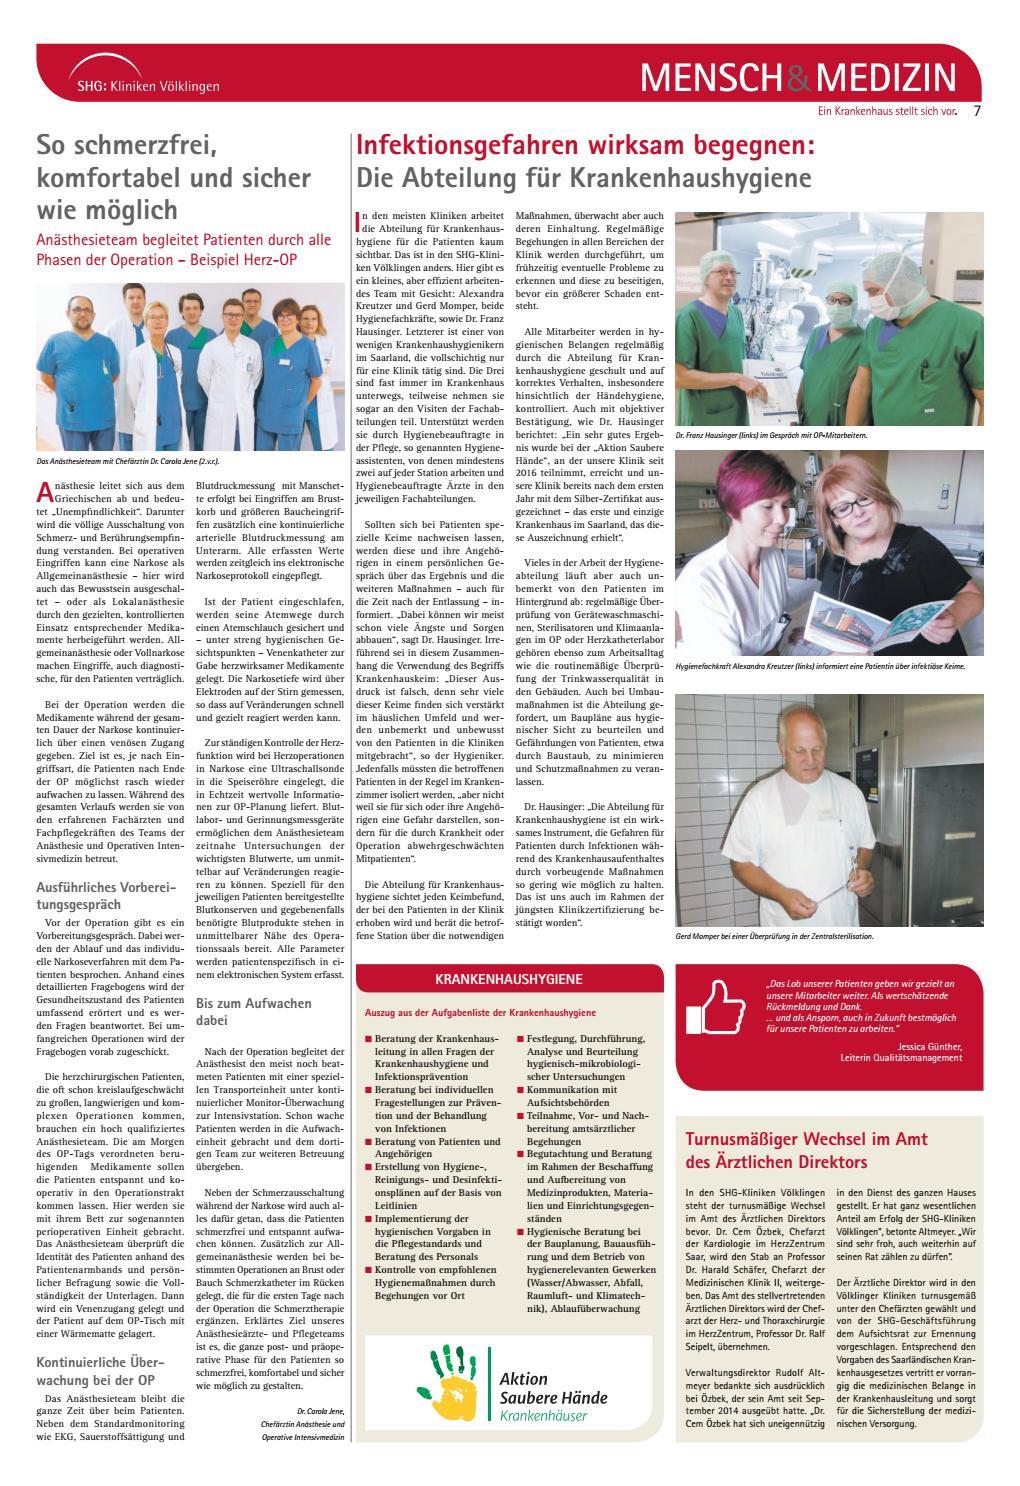 mensch medizin das magazin der shg kliniken vlklingen by saarbrcker verlagsservice gmbh issuu - Pflegestandards Beispiele